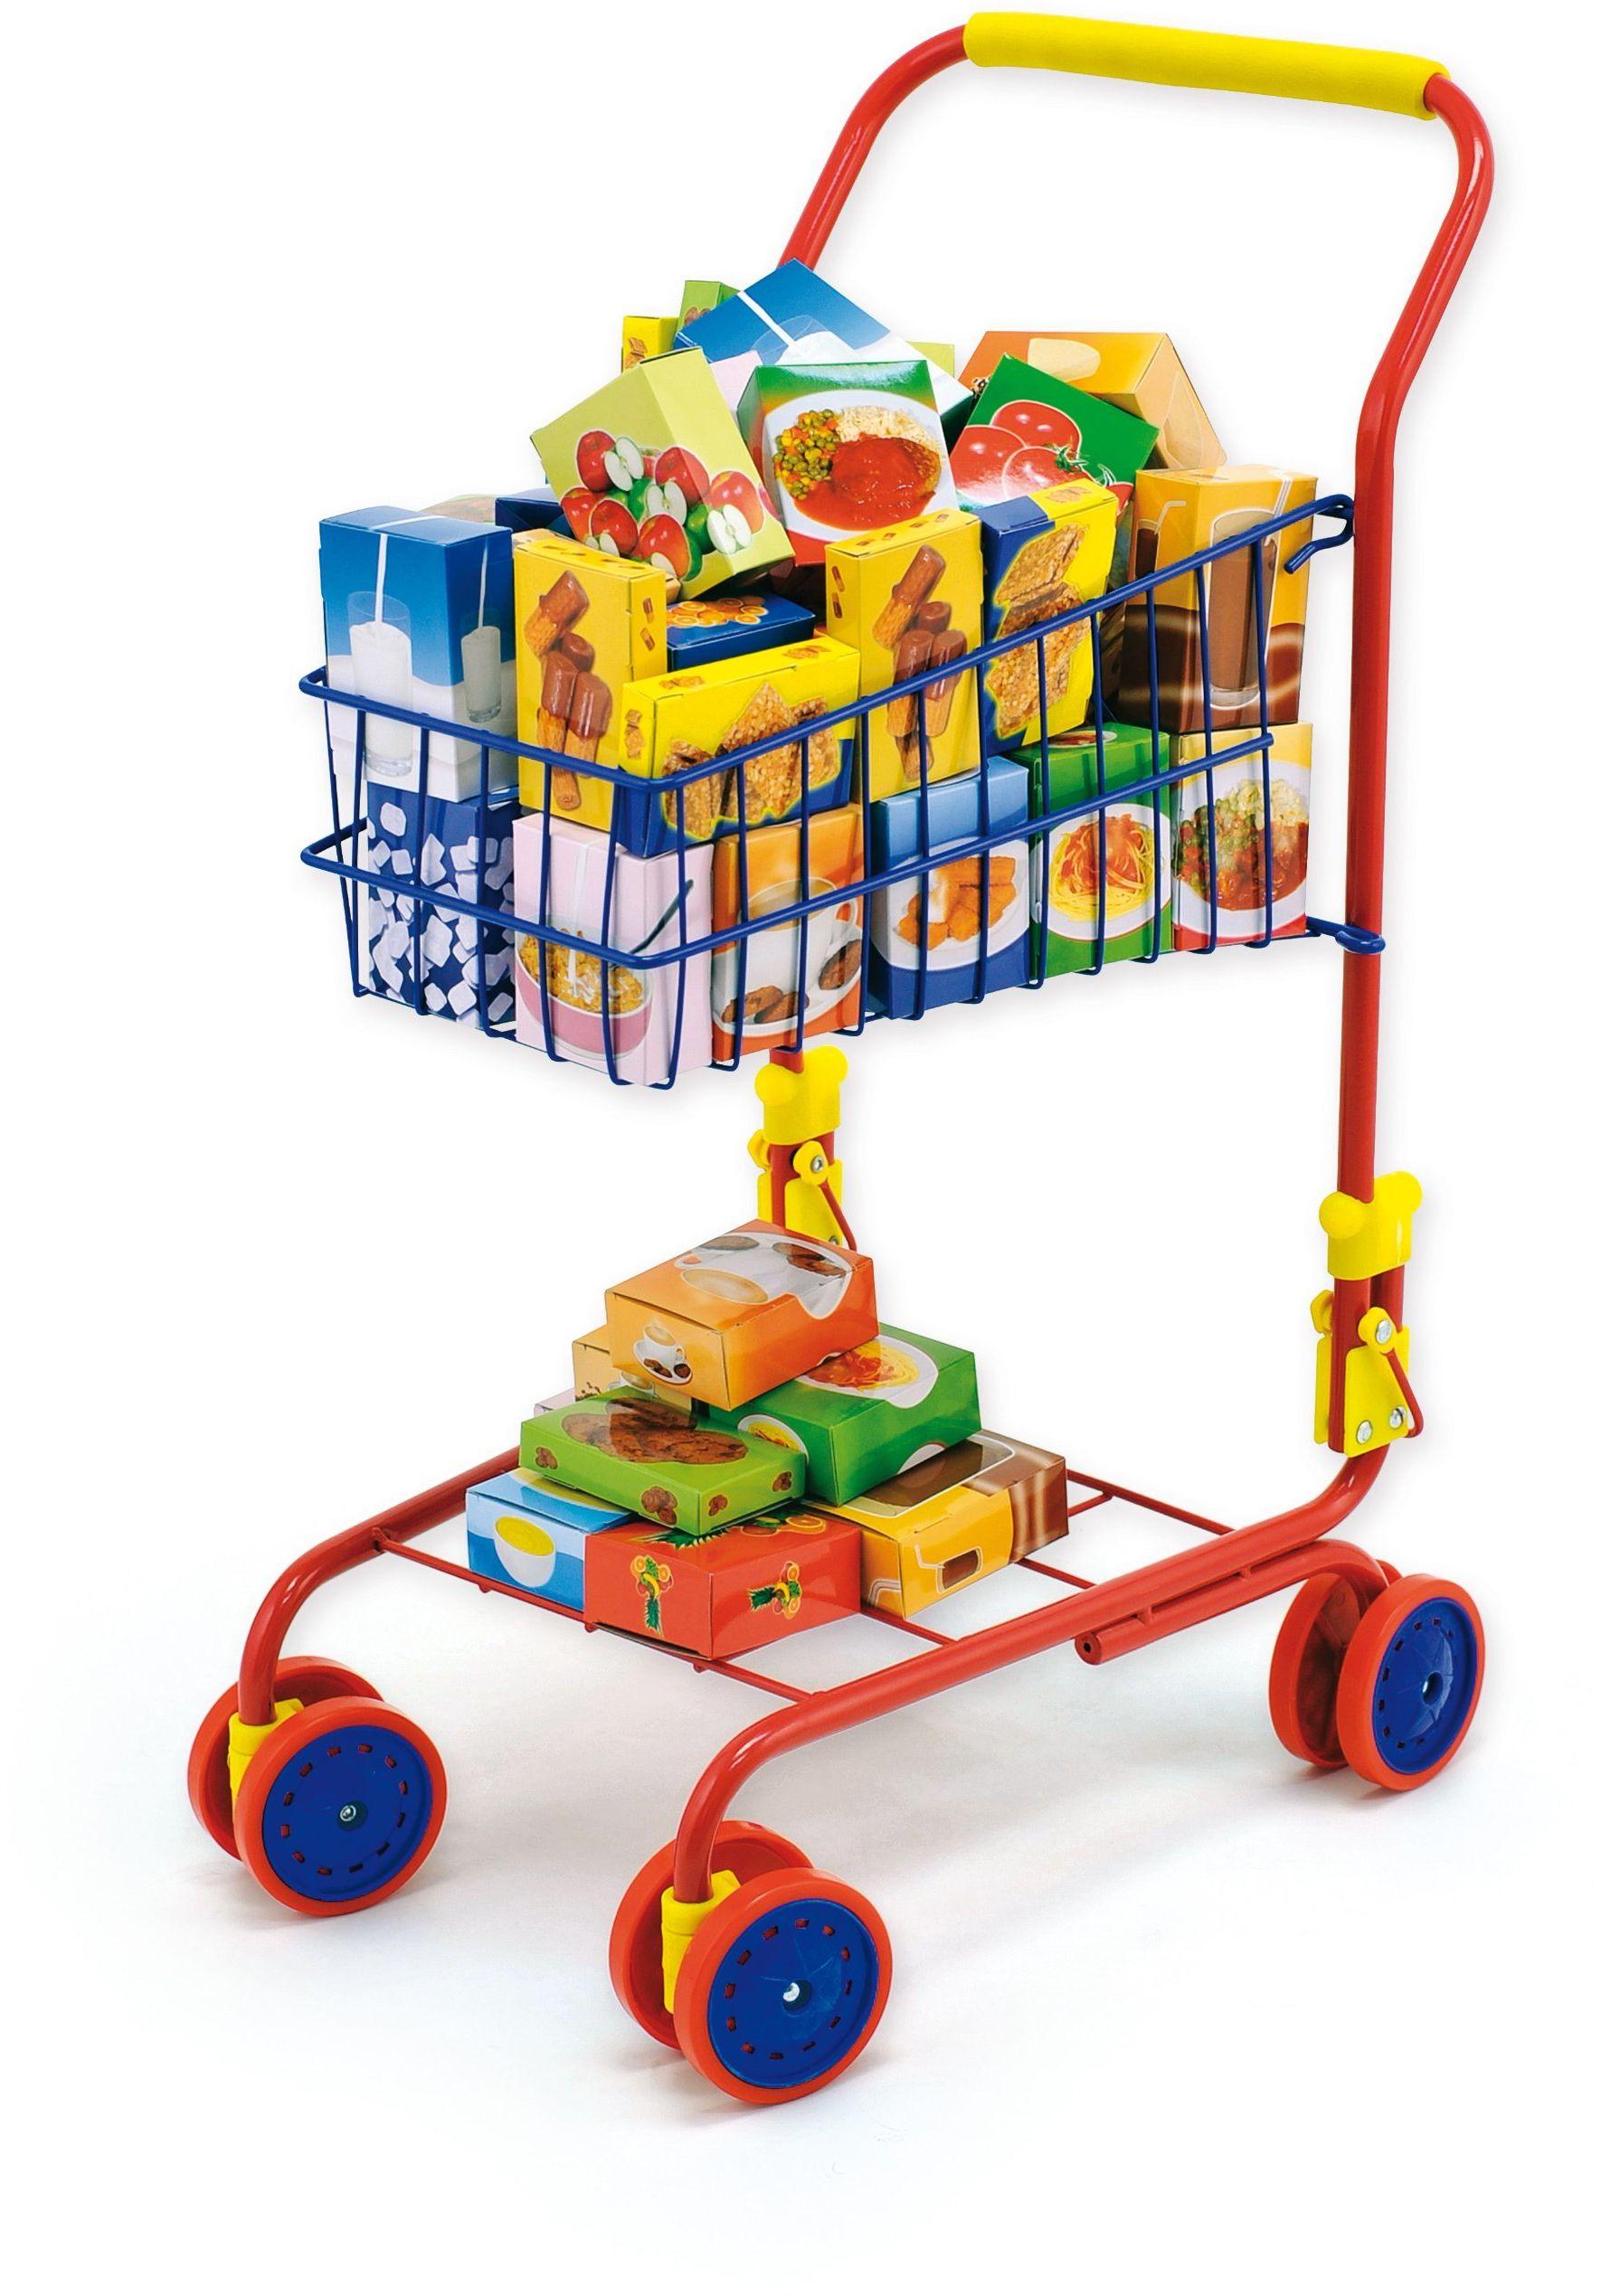 Bayer Design 75002AA zabawkowy wózek na zakupy, wbudowany fotelik dla lalek, akcesoria do sklepu, kolorowy/zawartość